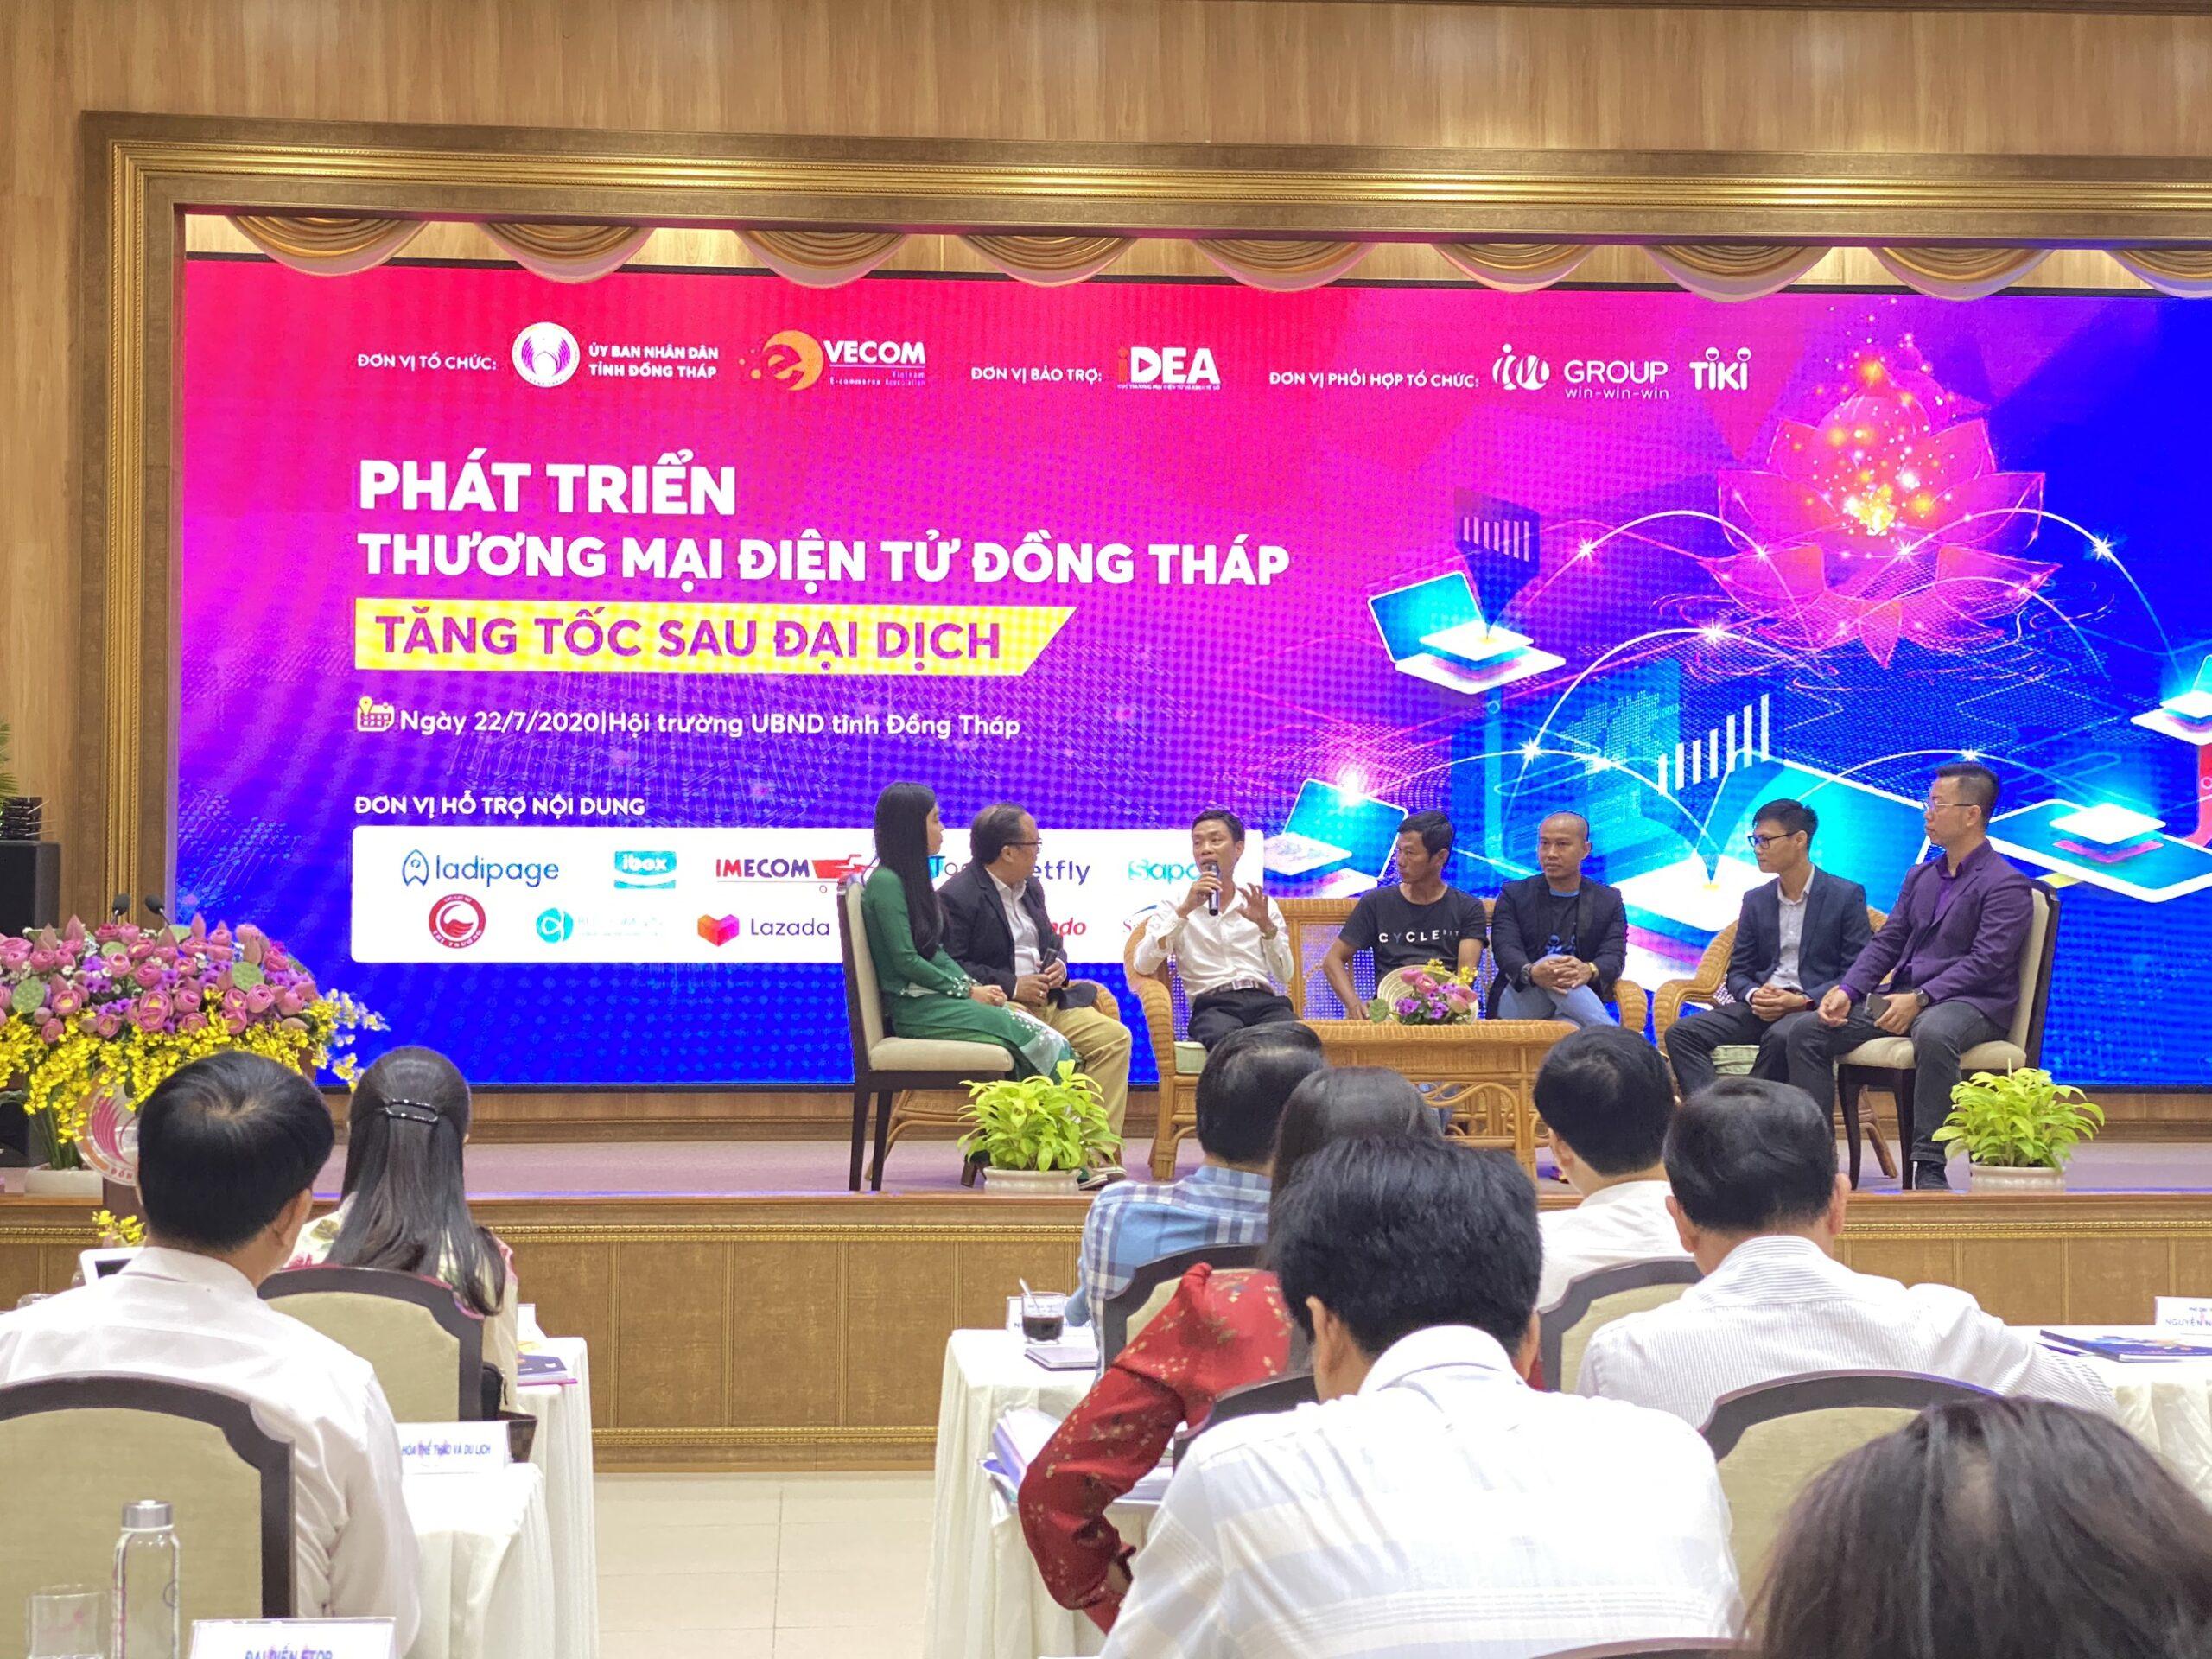 Sapo tham gia Hội thảo Phát triển thương mại điện tử